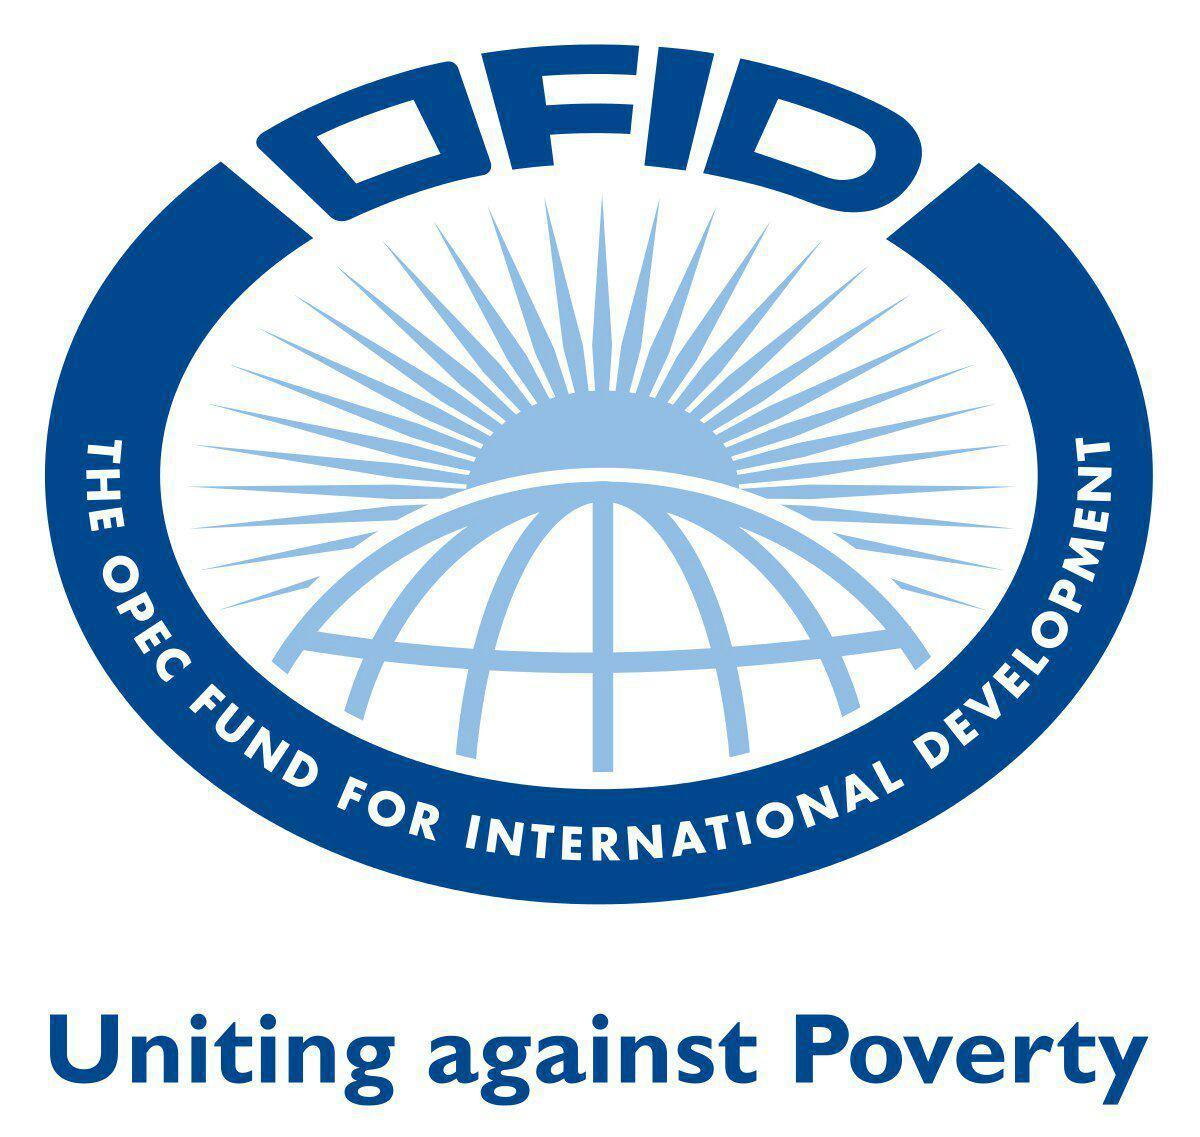 غریب آبادی از کمک ۵۰۰ هزار دلاری صندوق توسعه اوپک به سیل زدگان اخیر خبر داد